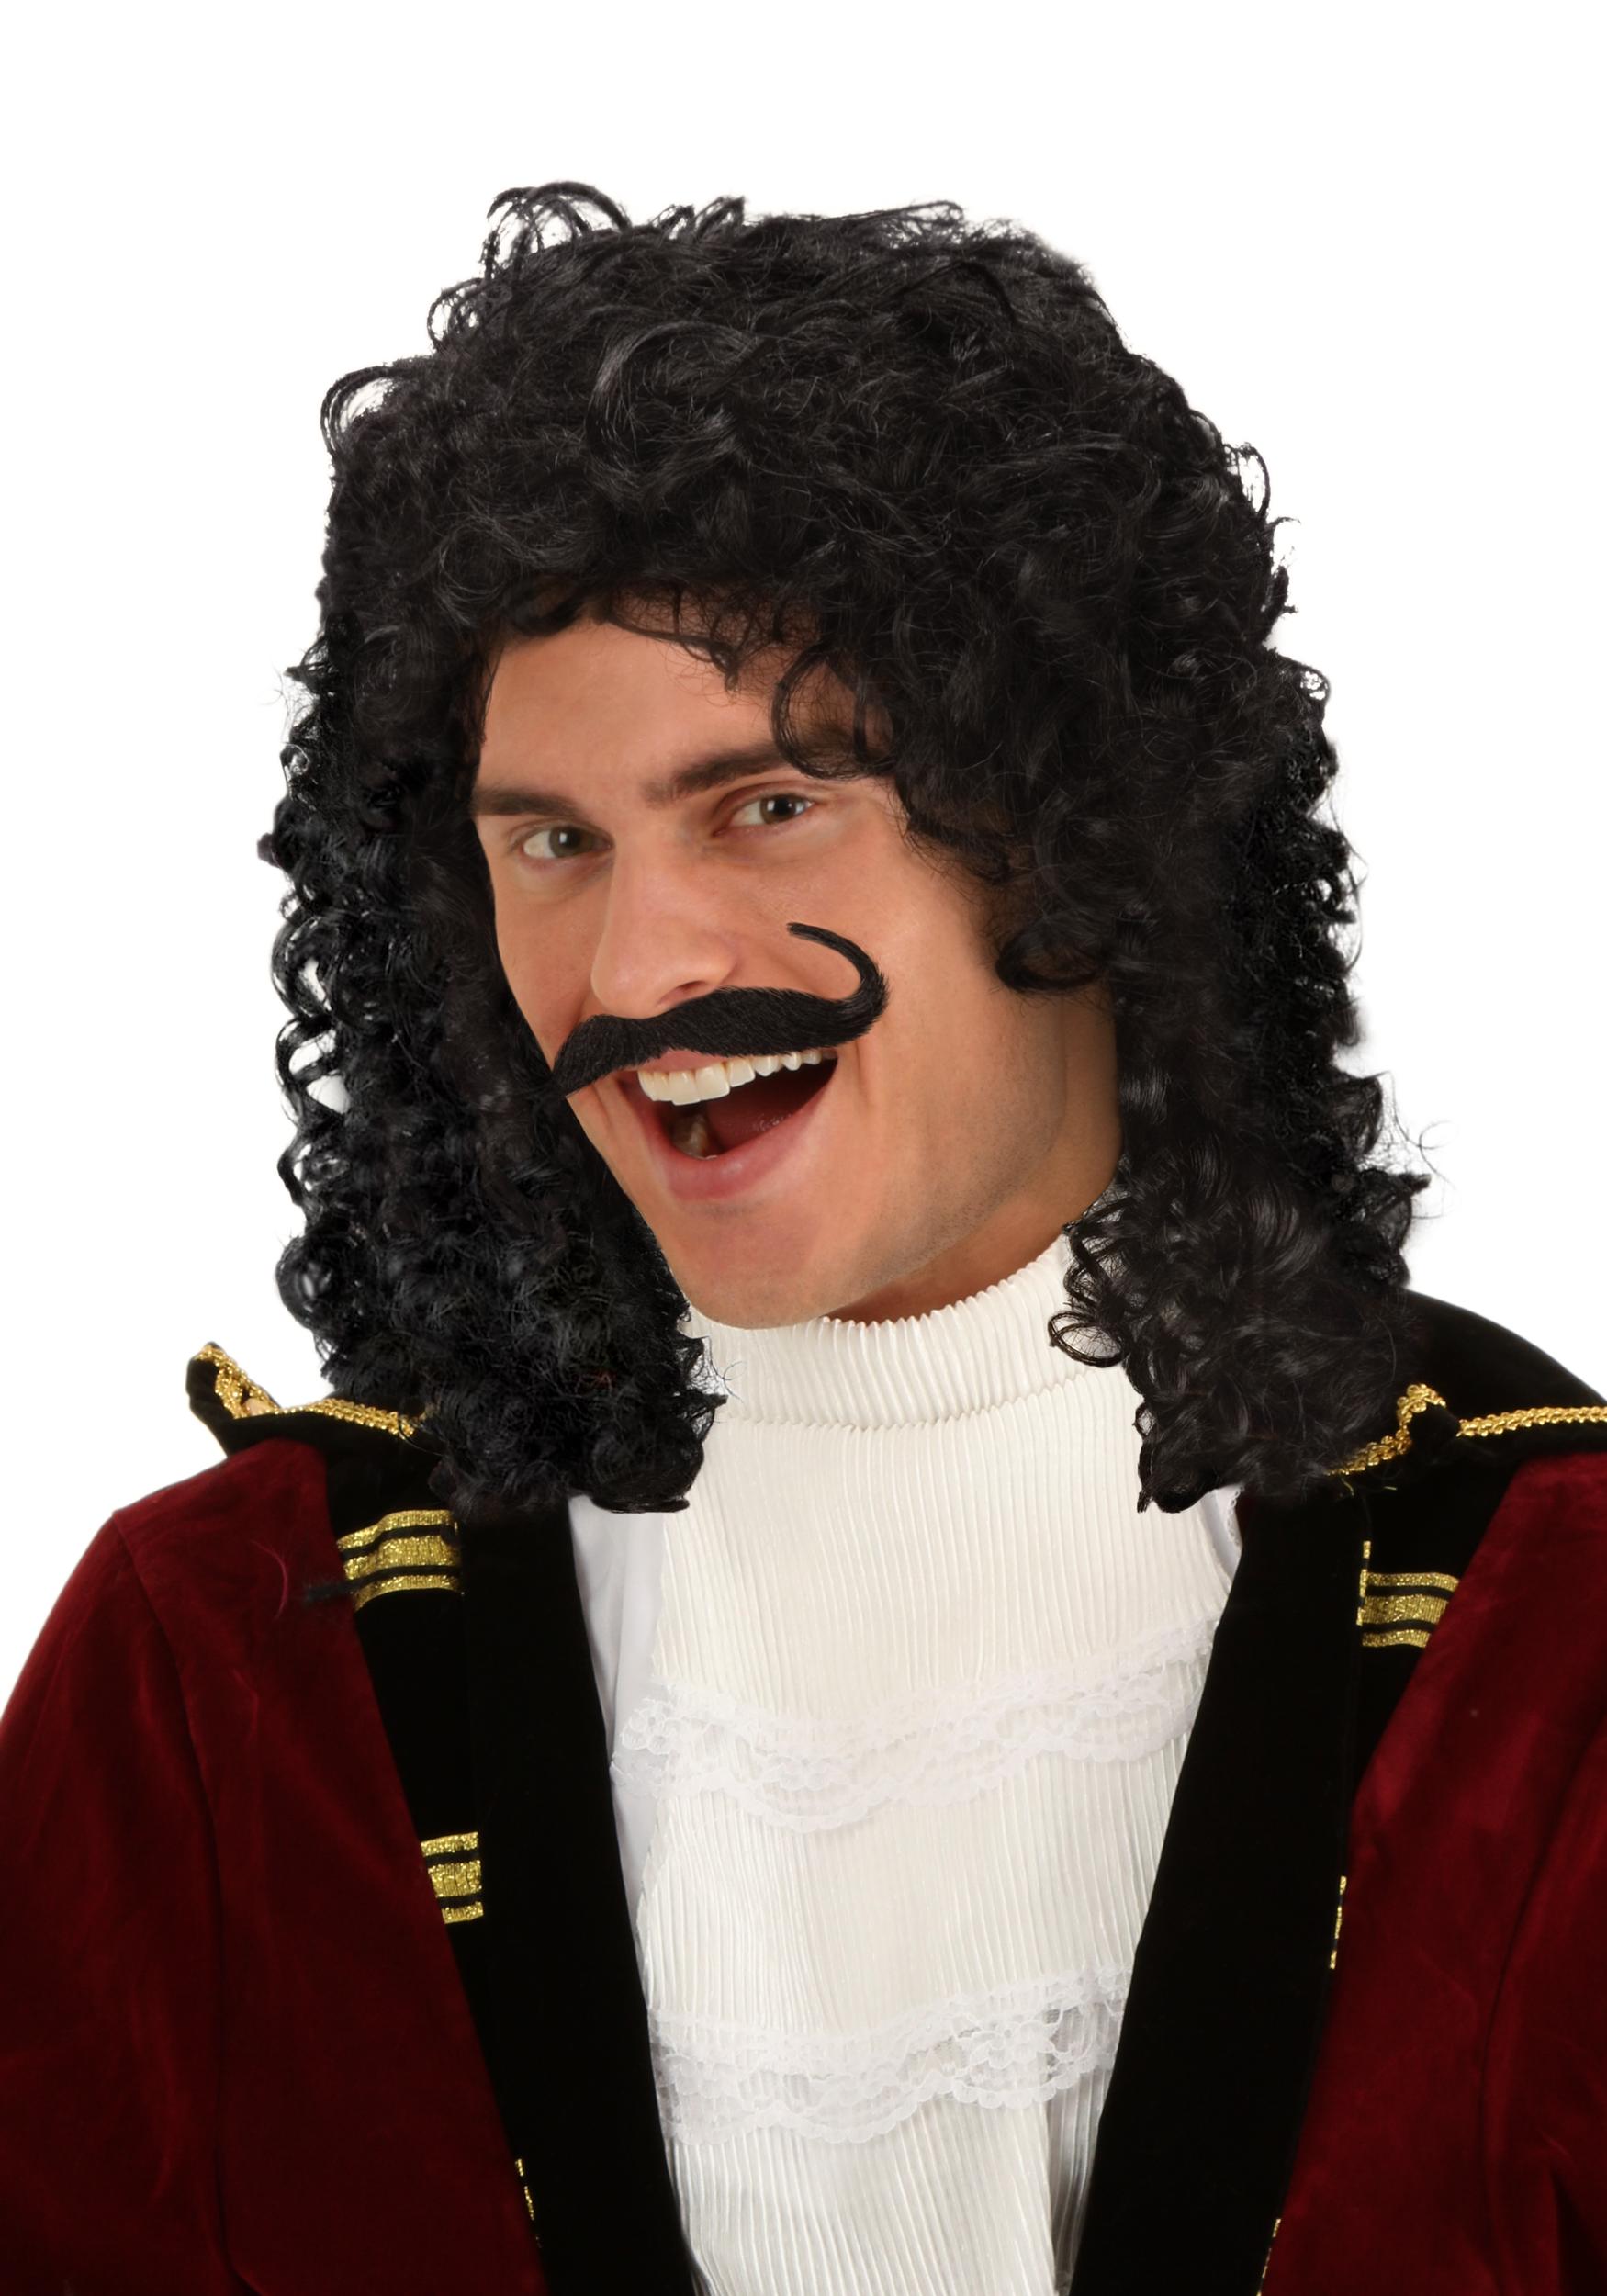 Costume Wigs - Halloween Discount Costume Wig